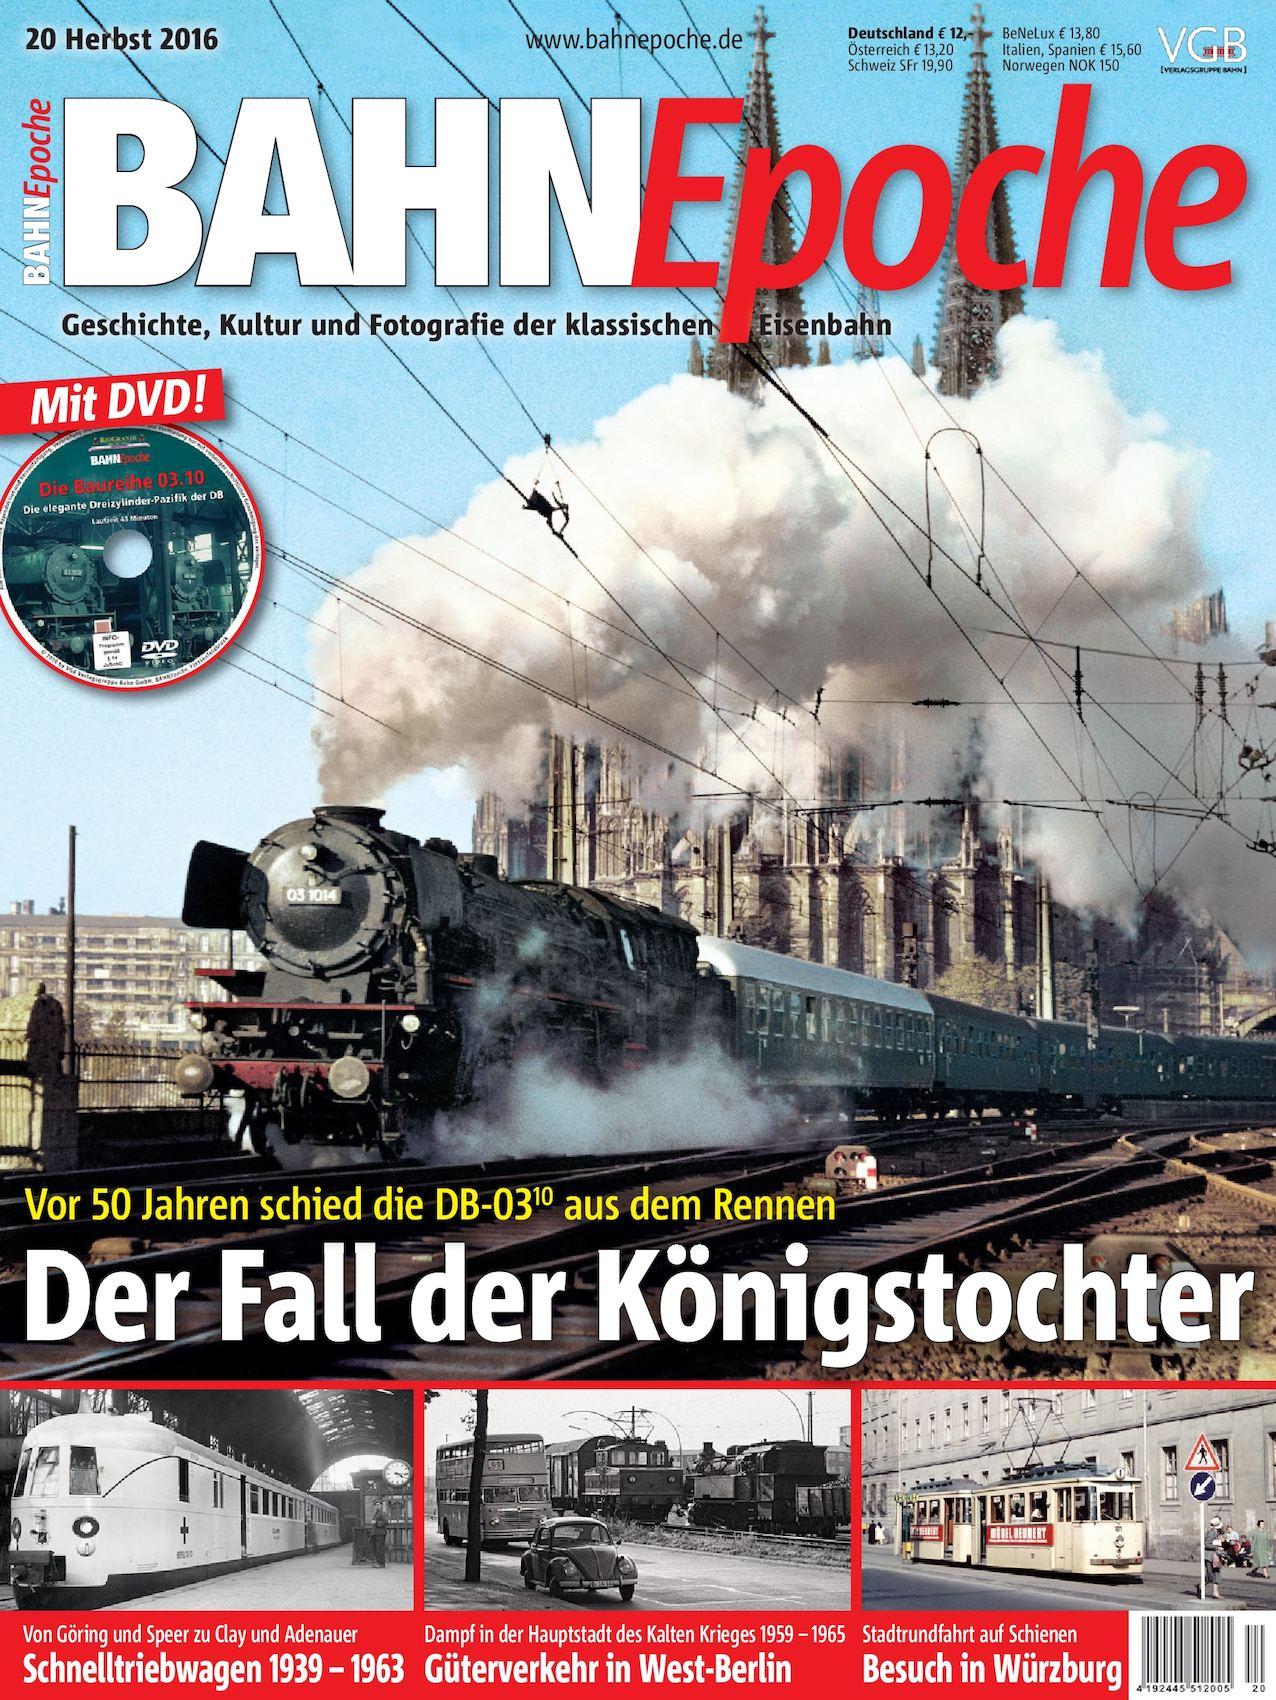 Calaméo - BAHNEpoche – Ausgabe 20 – Herbst 2016